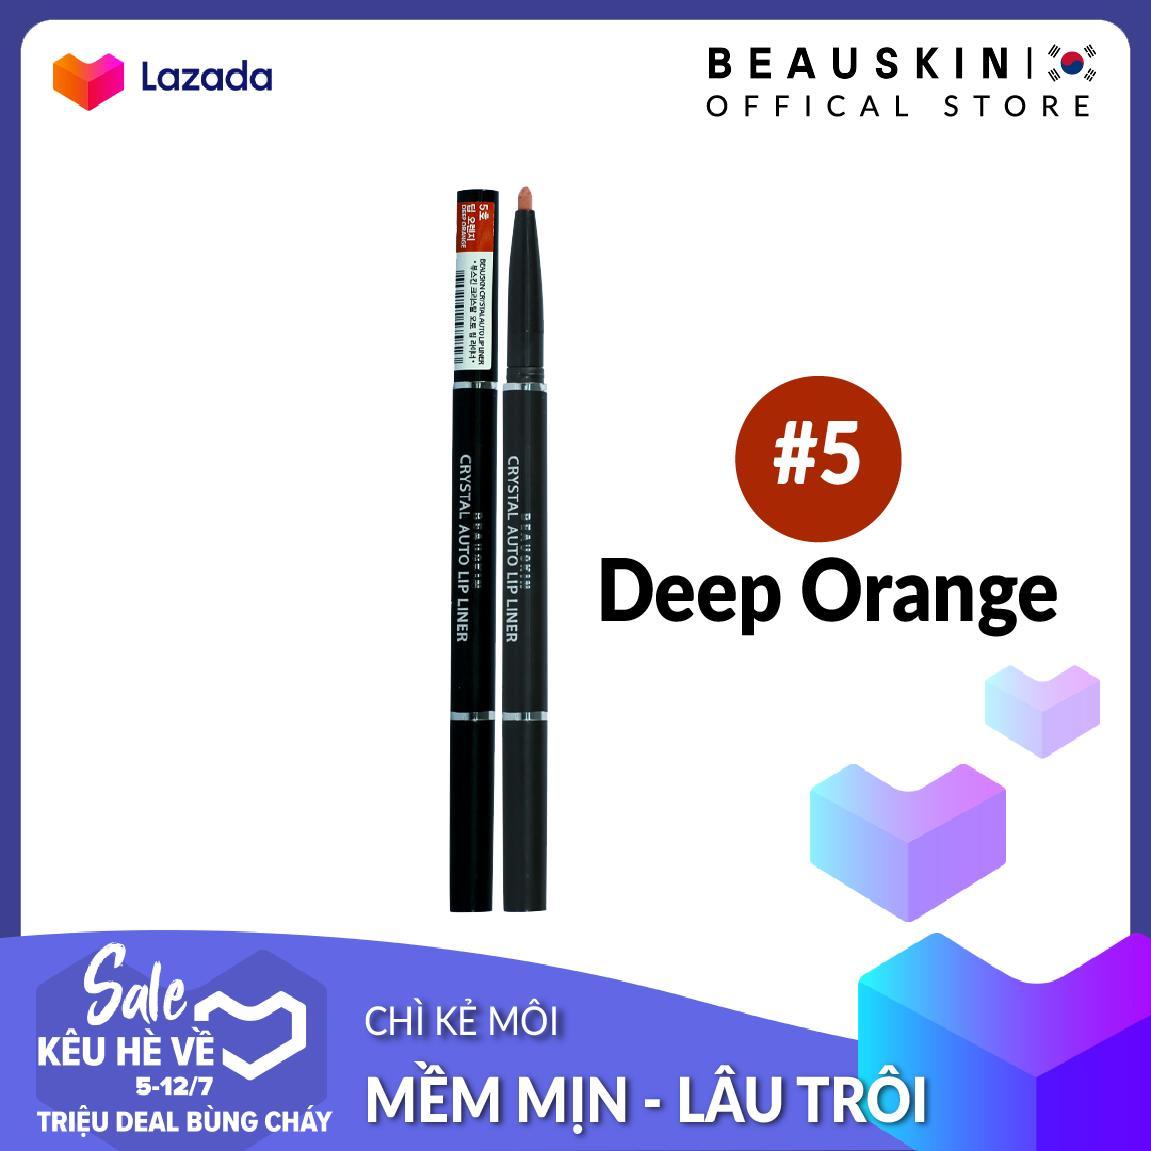 Chì vặn kẻ môi 2 đầu xinh xắn Beauskin Crystal Auto Lip Liner 5 Deep Orange tốt nhất